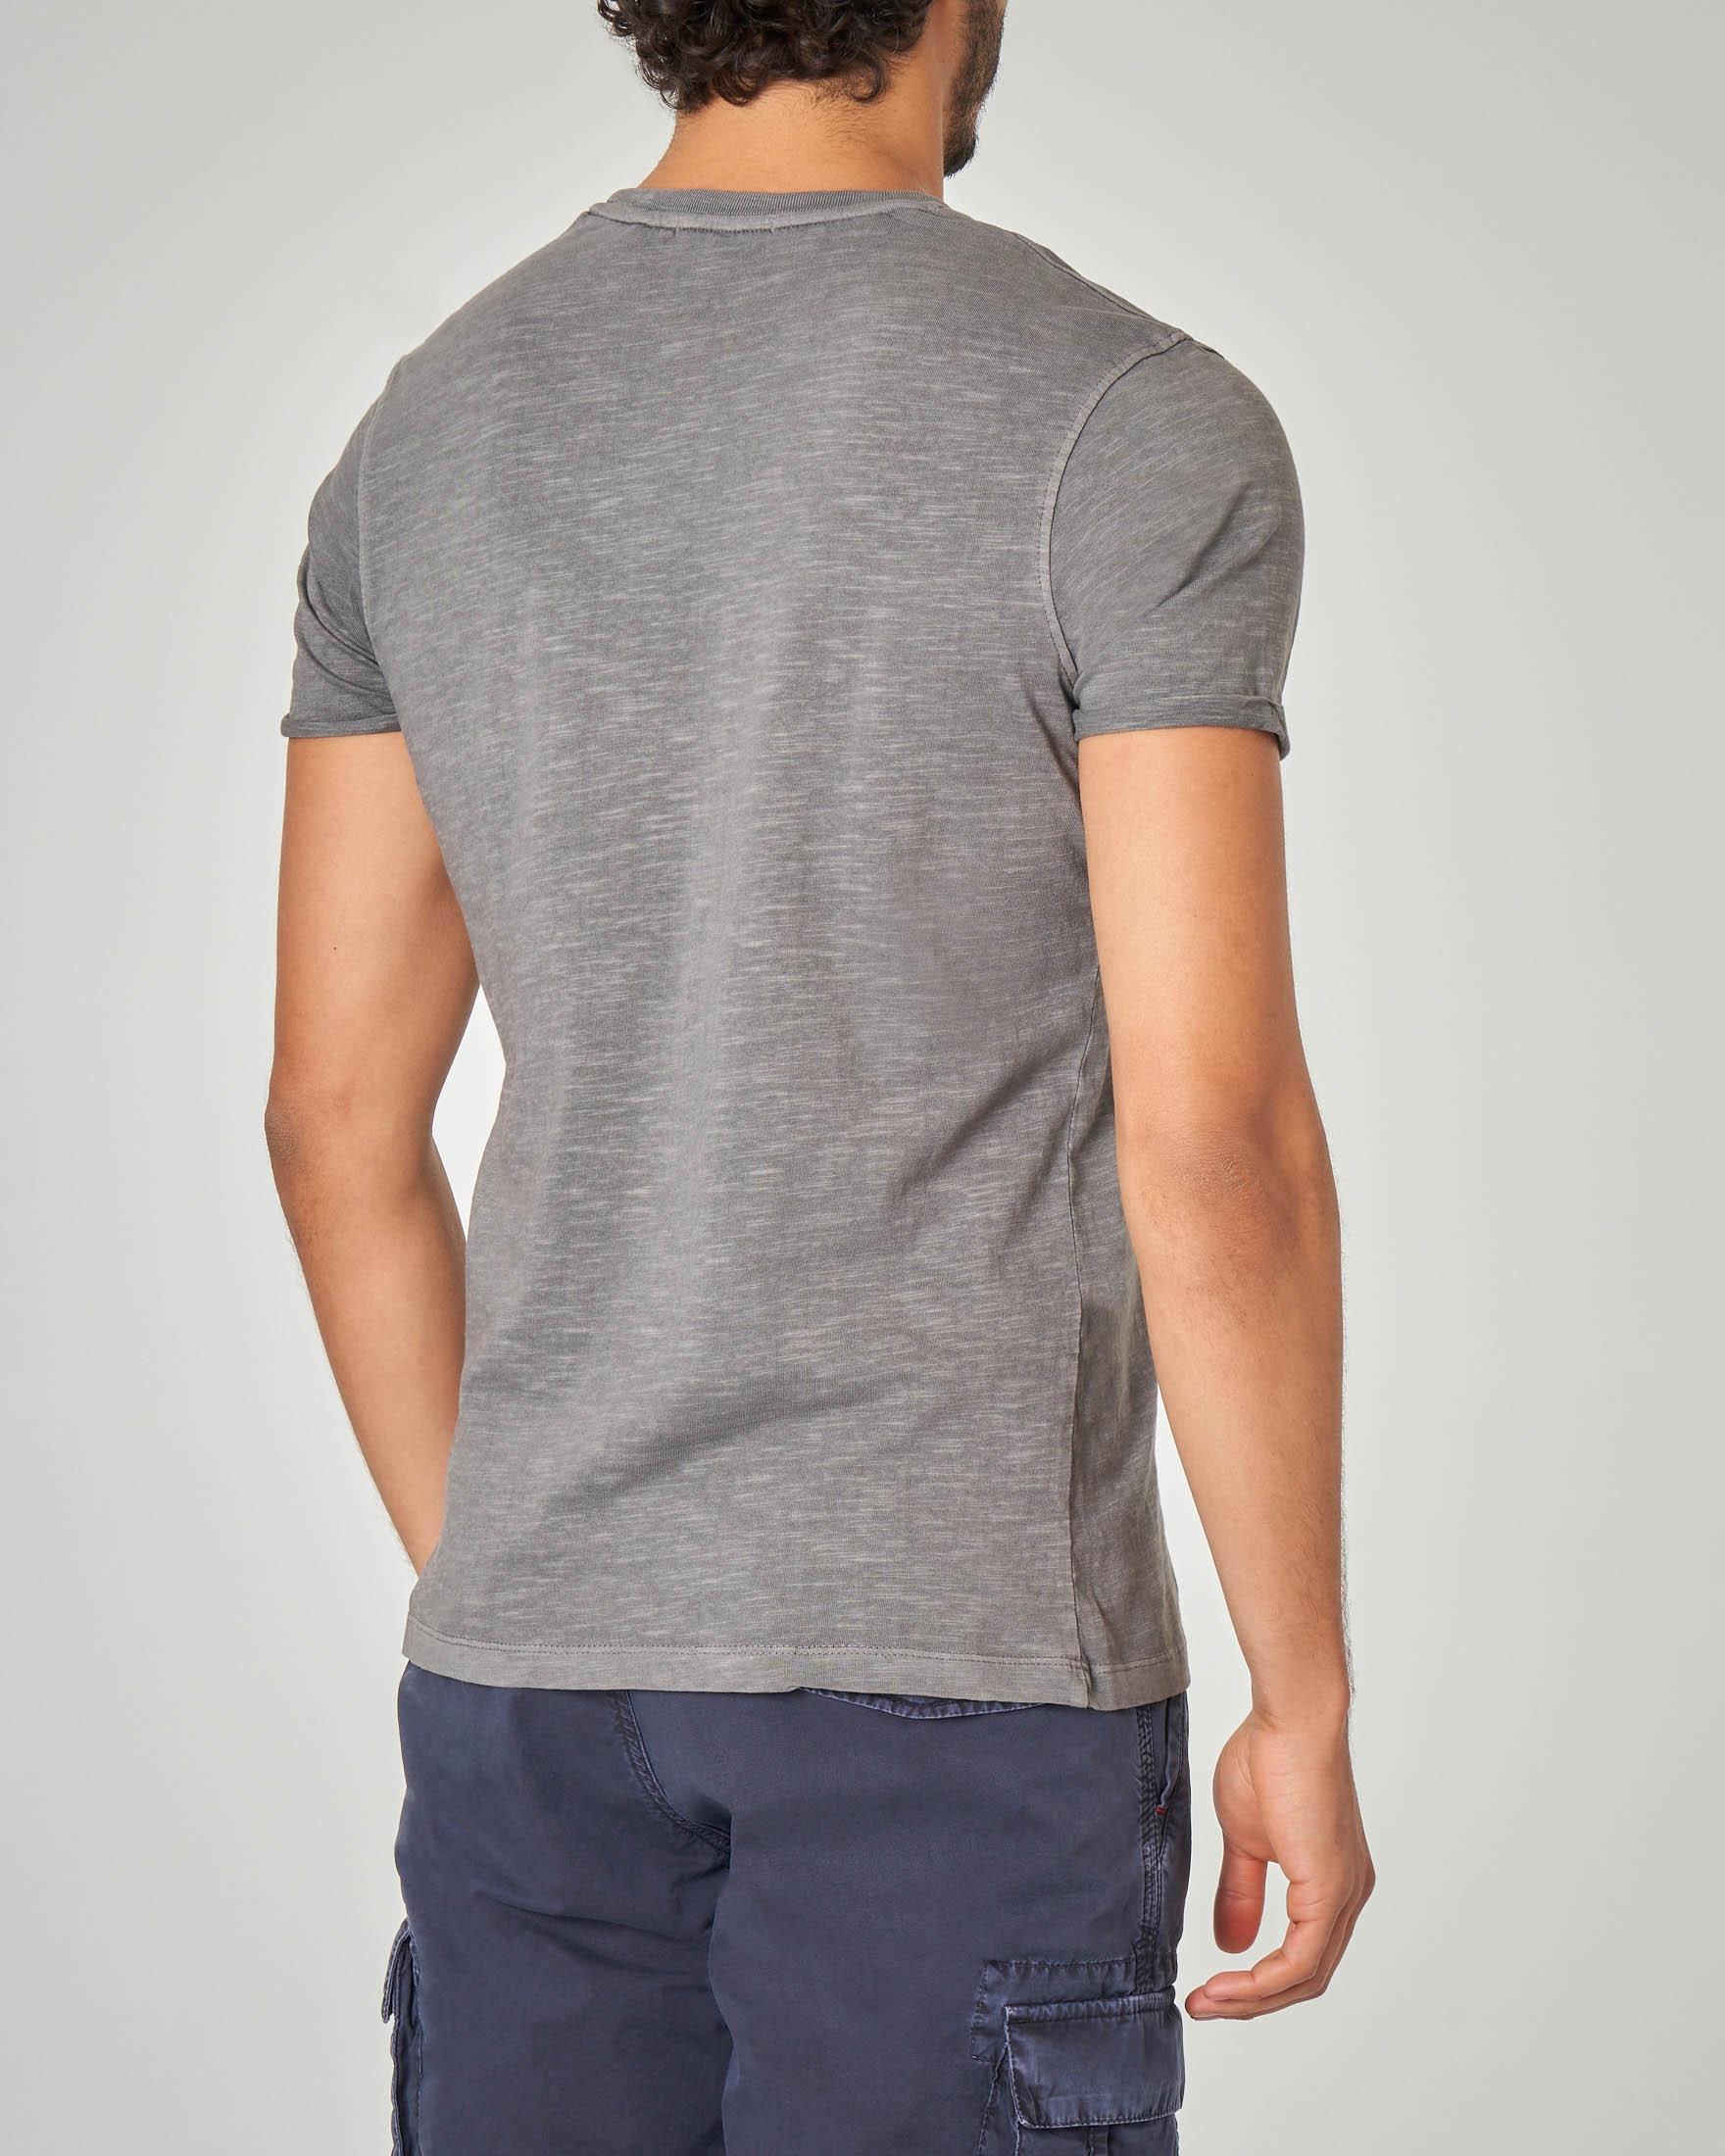 T-shirt grigia con taschino tessuto slub